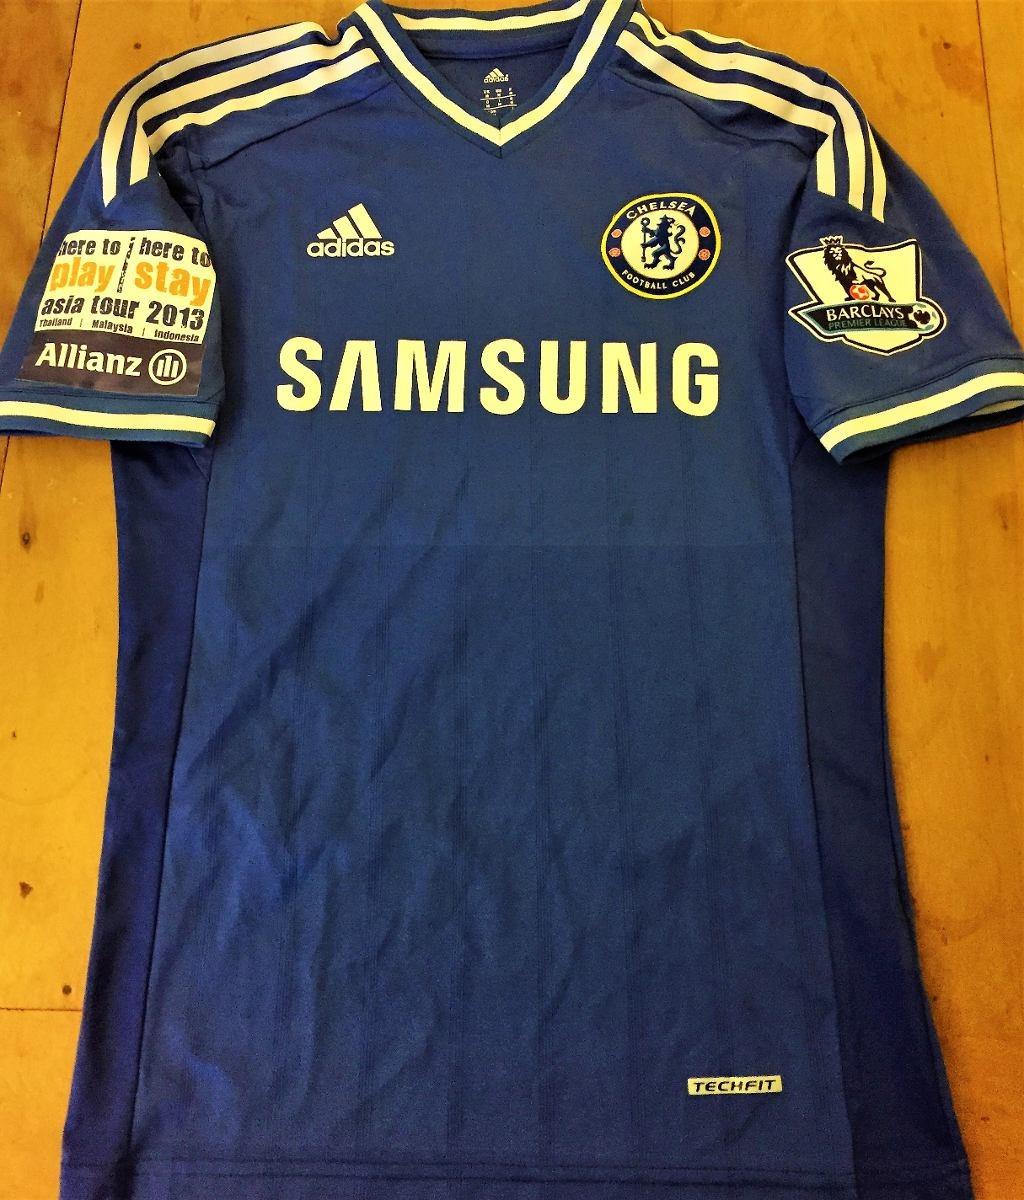 Camisas Do Chelsea De Jogo Para Colecionadores - R  699 8f19aa06b60a9